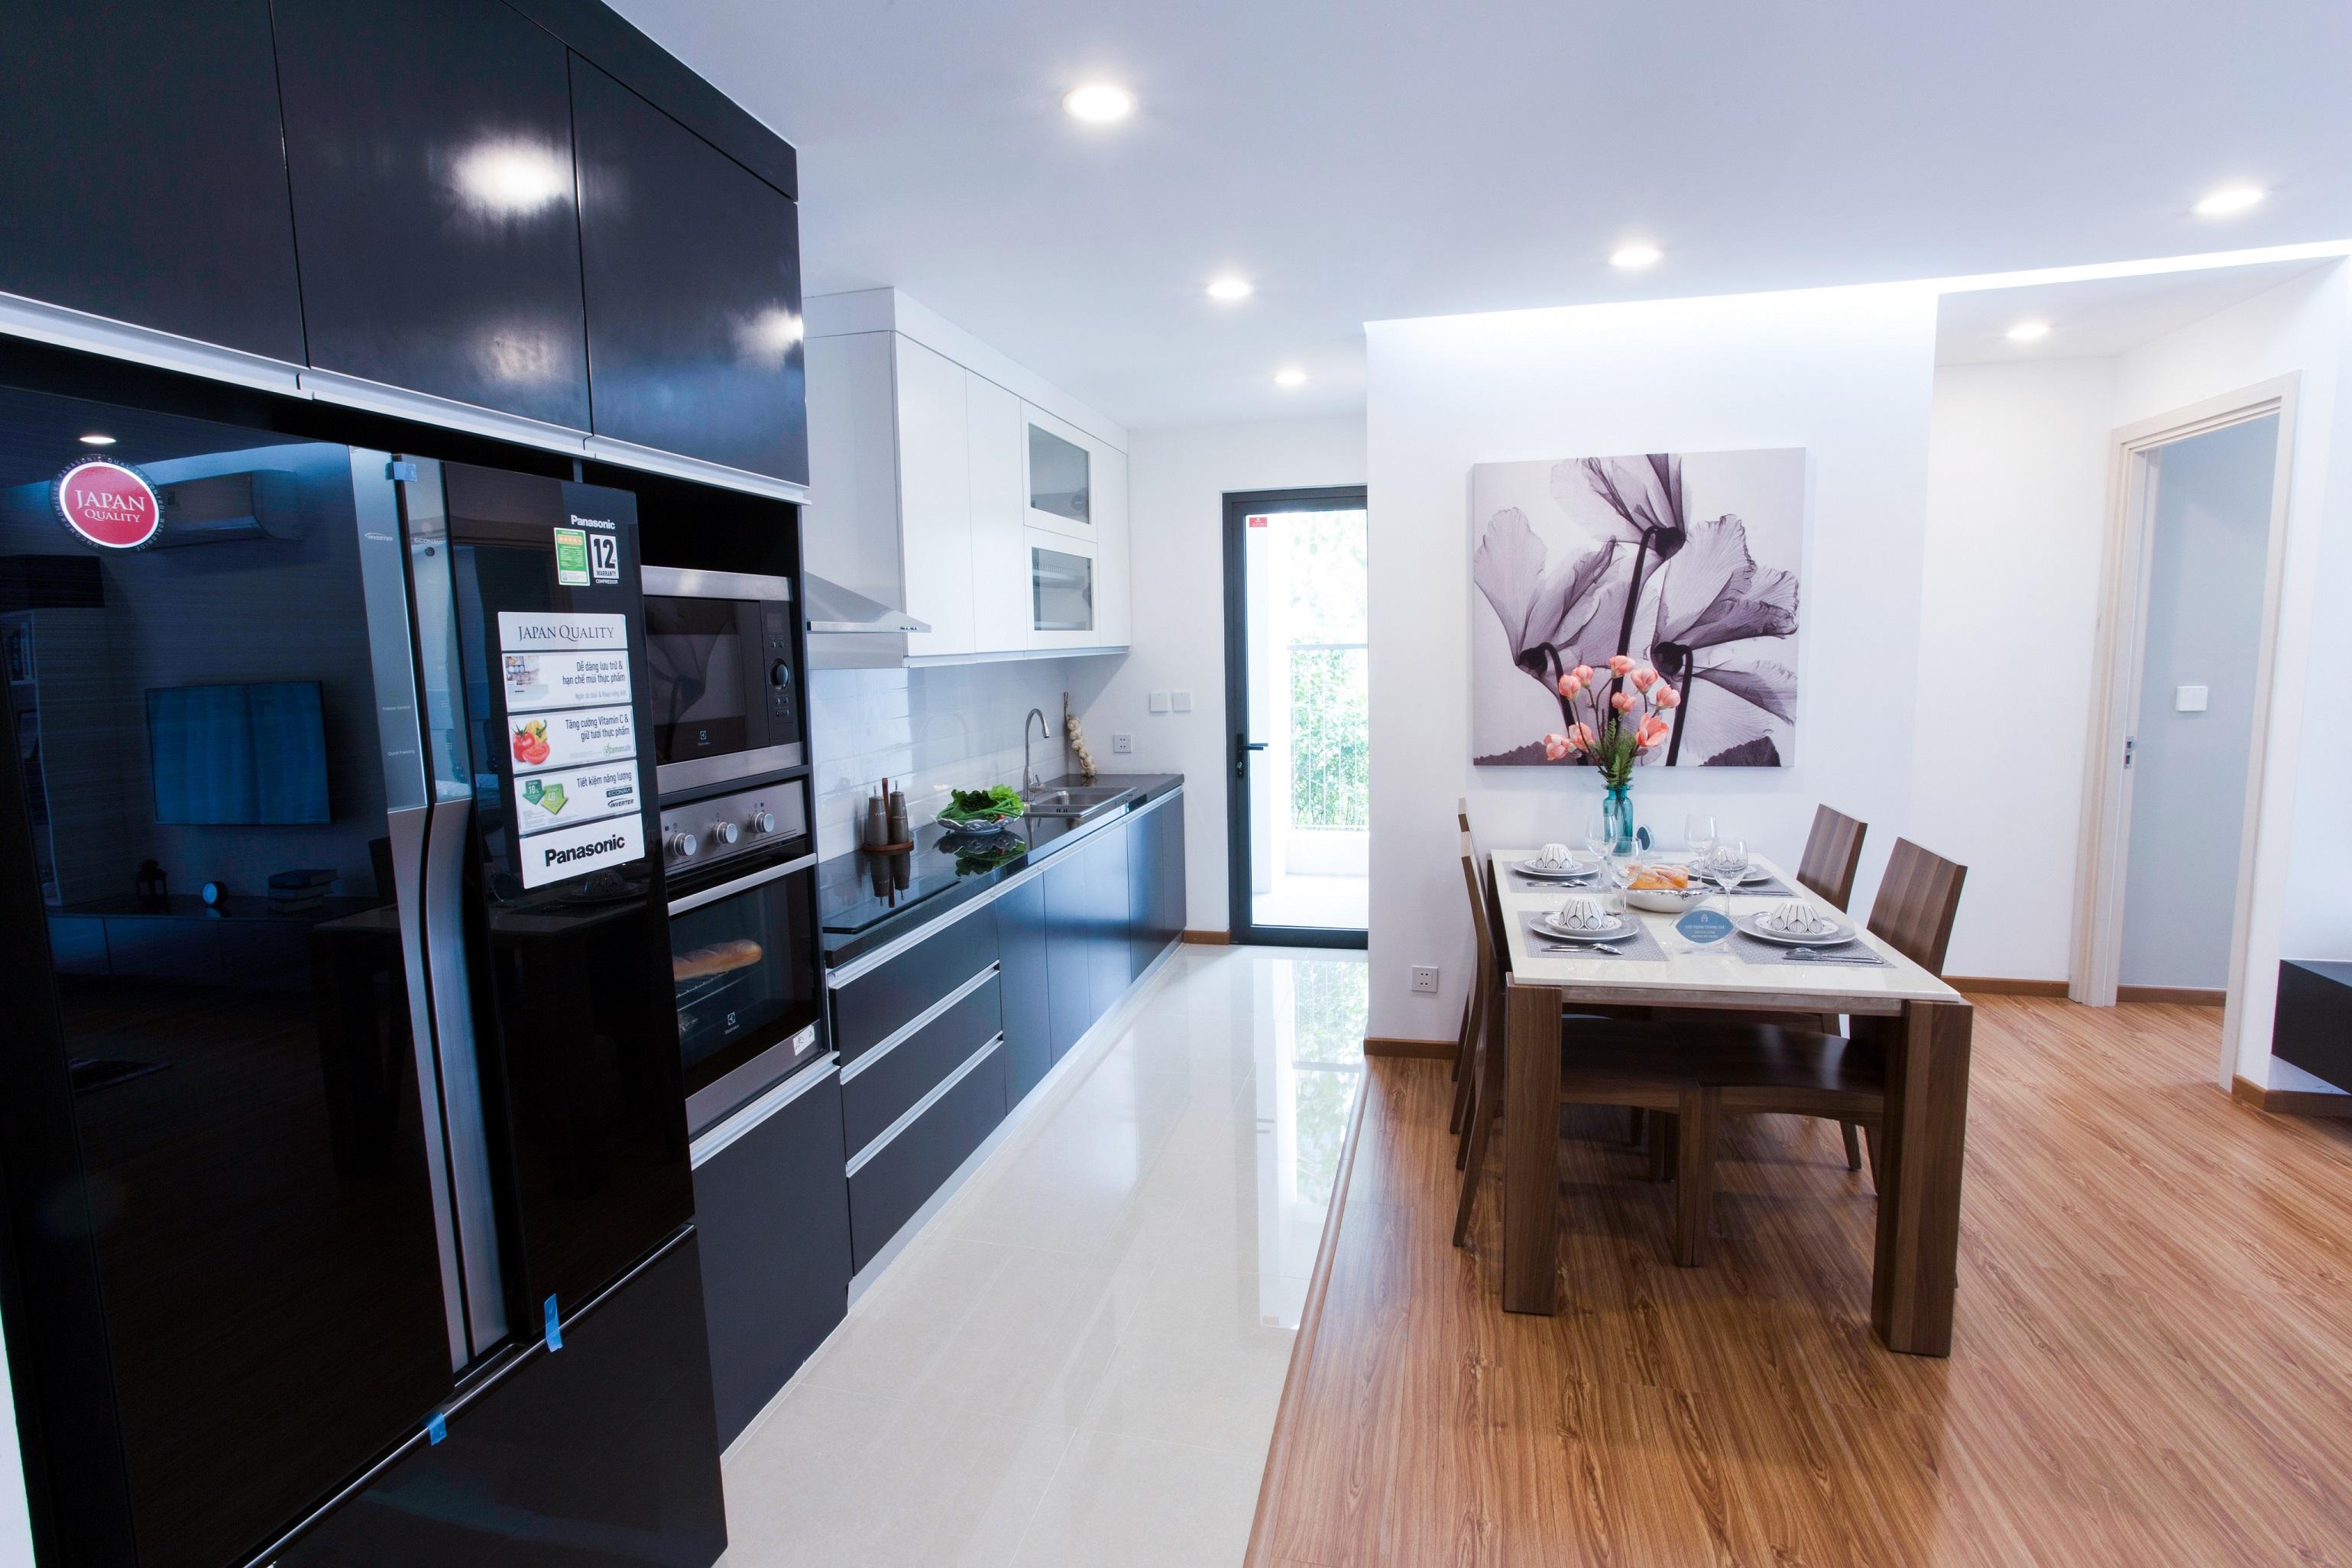 Khu vực bếp có 1 logia nhỏ, đảm bảo thông thoáng cho khu vực bếp